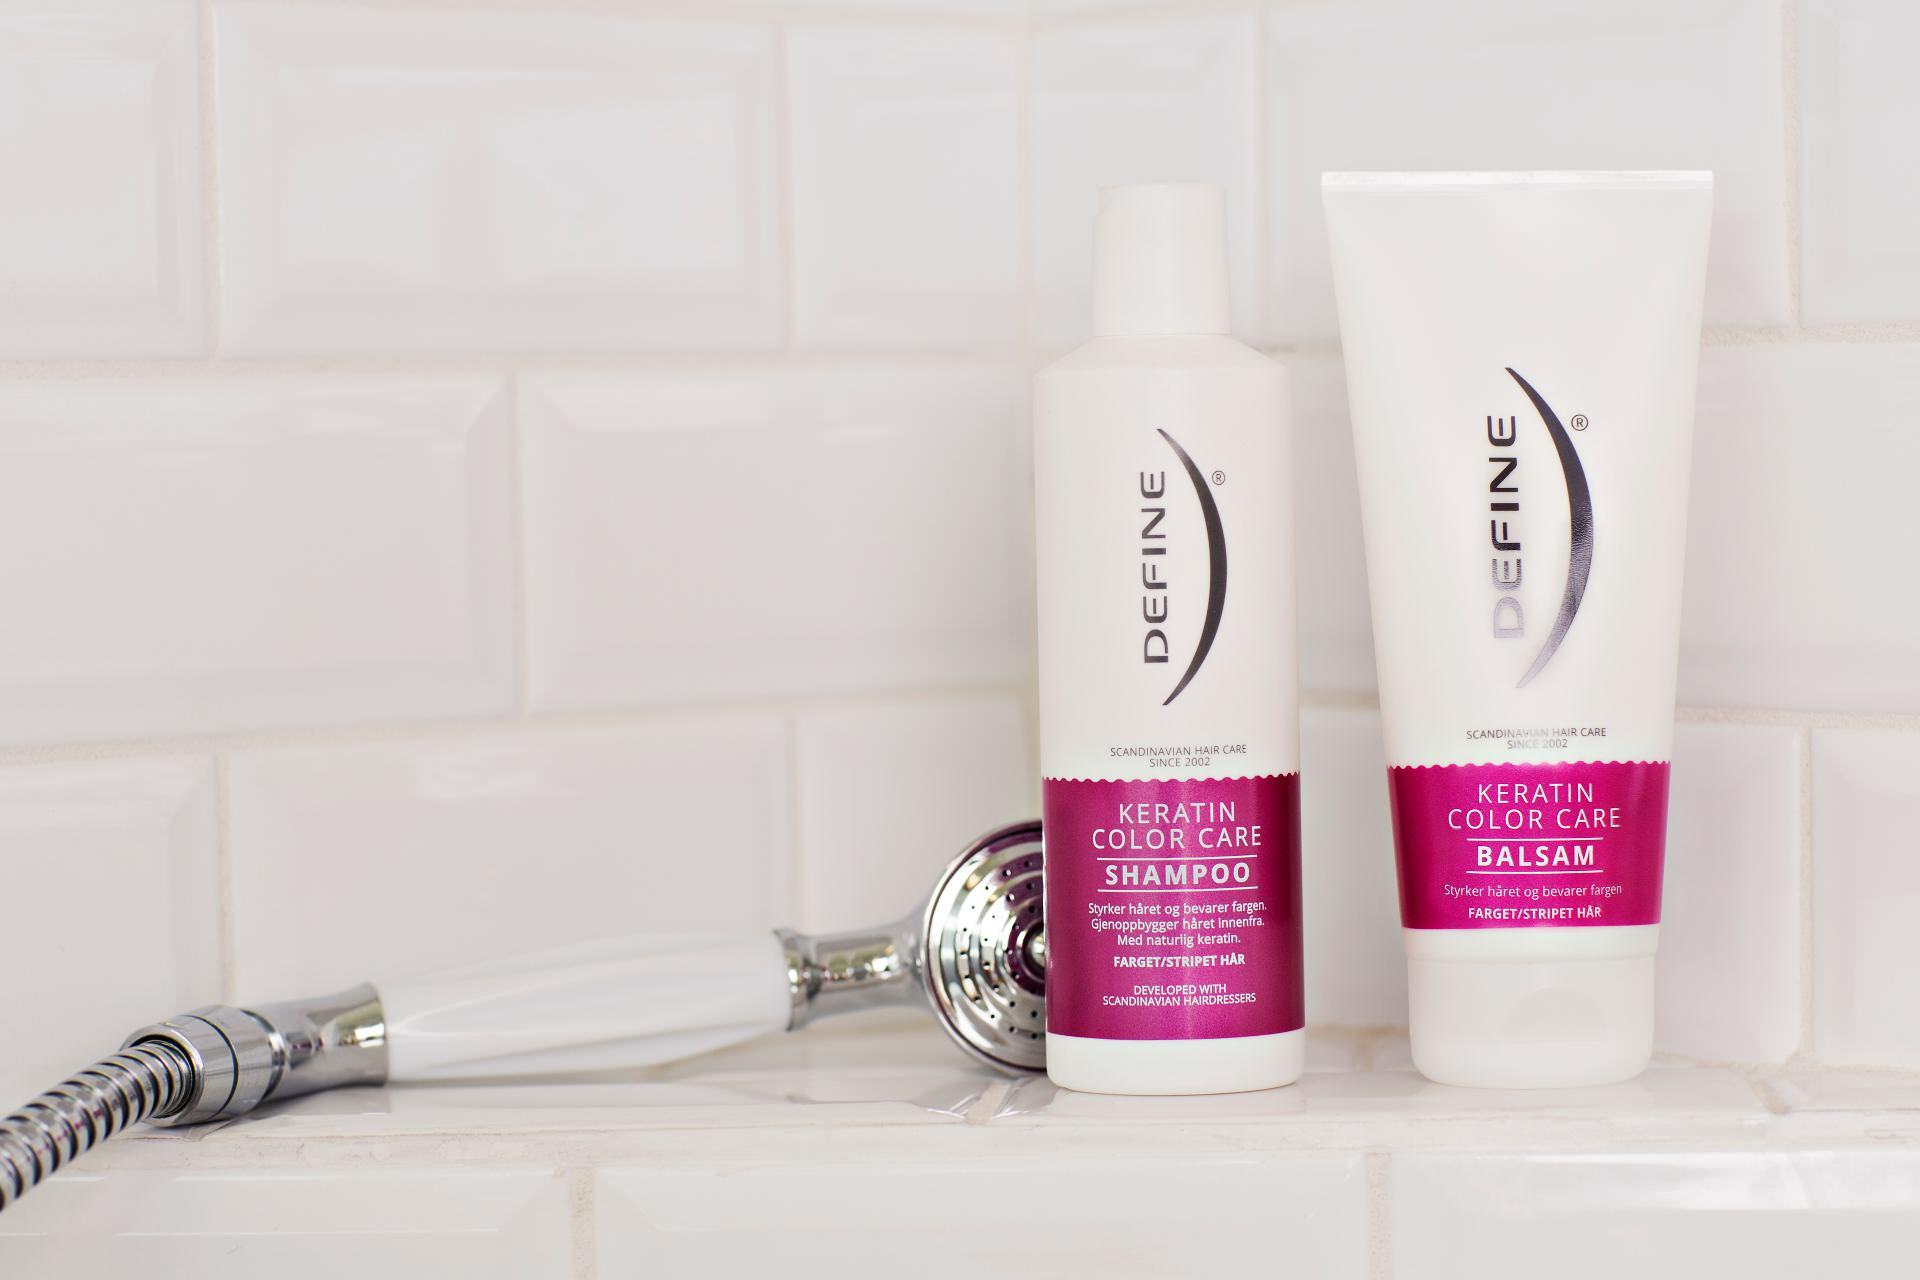 Shampoo og balsam for farget hår. Foto